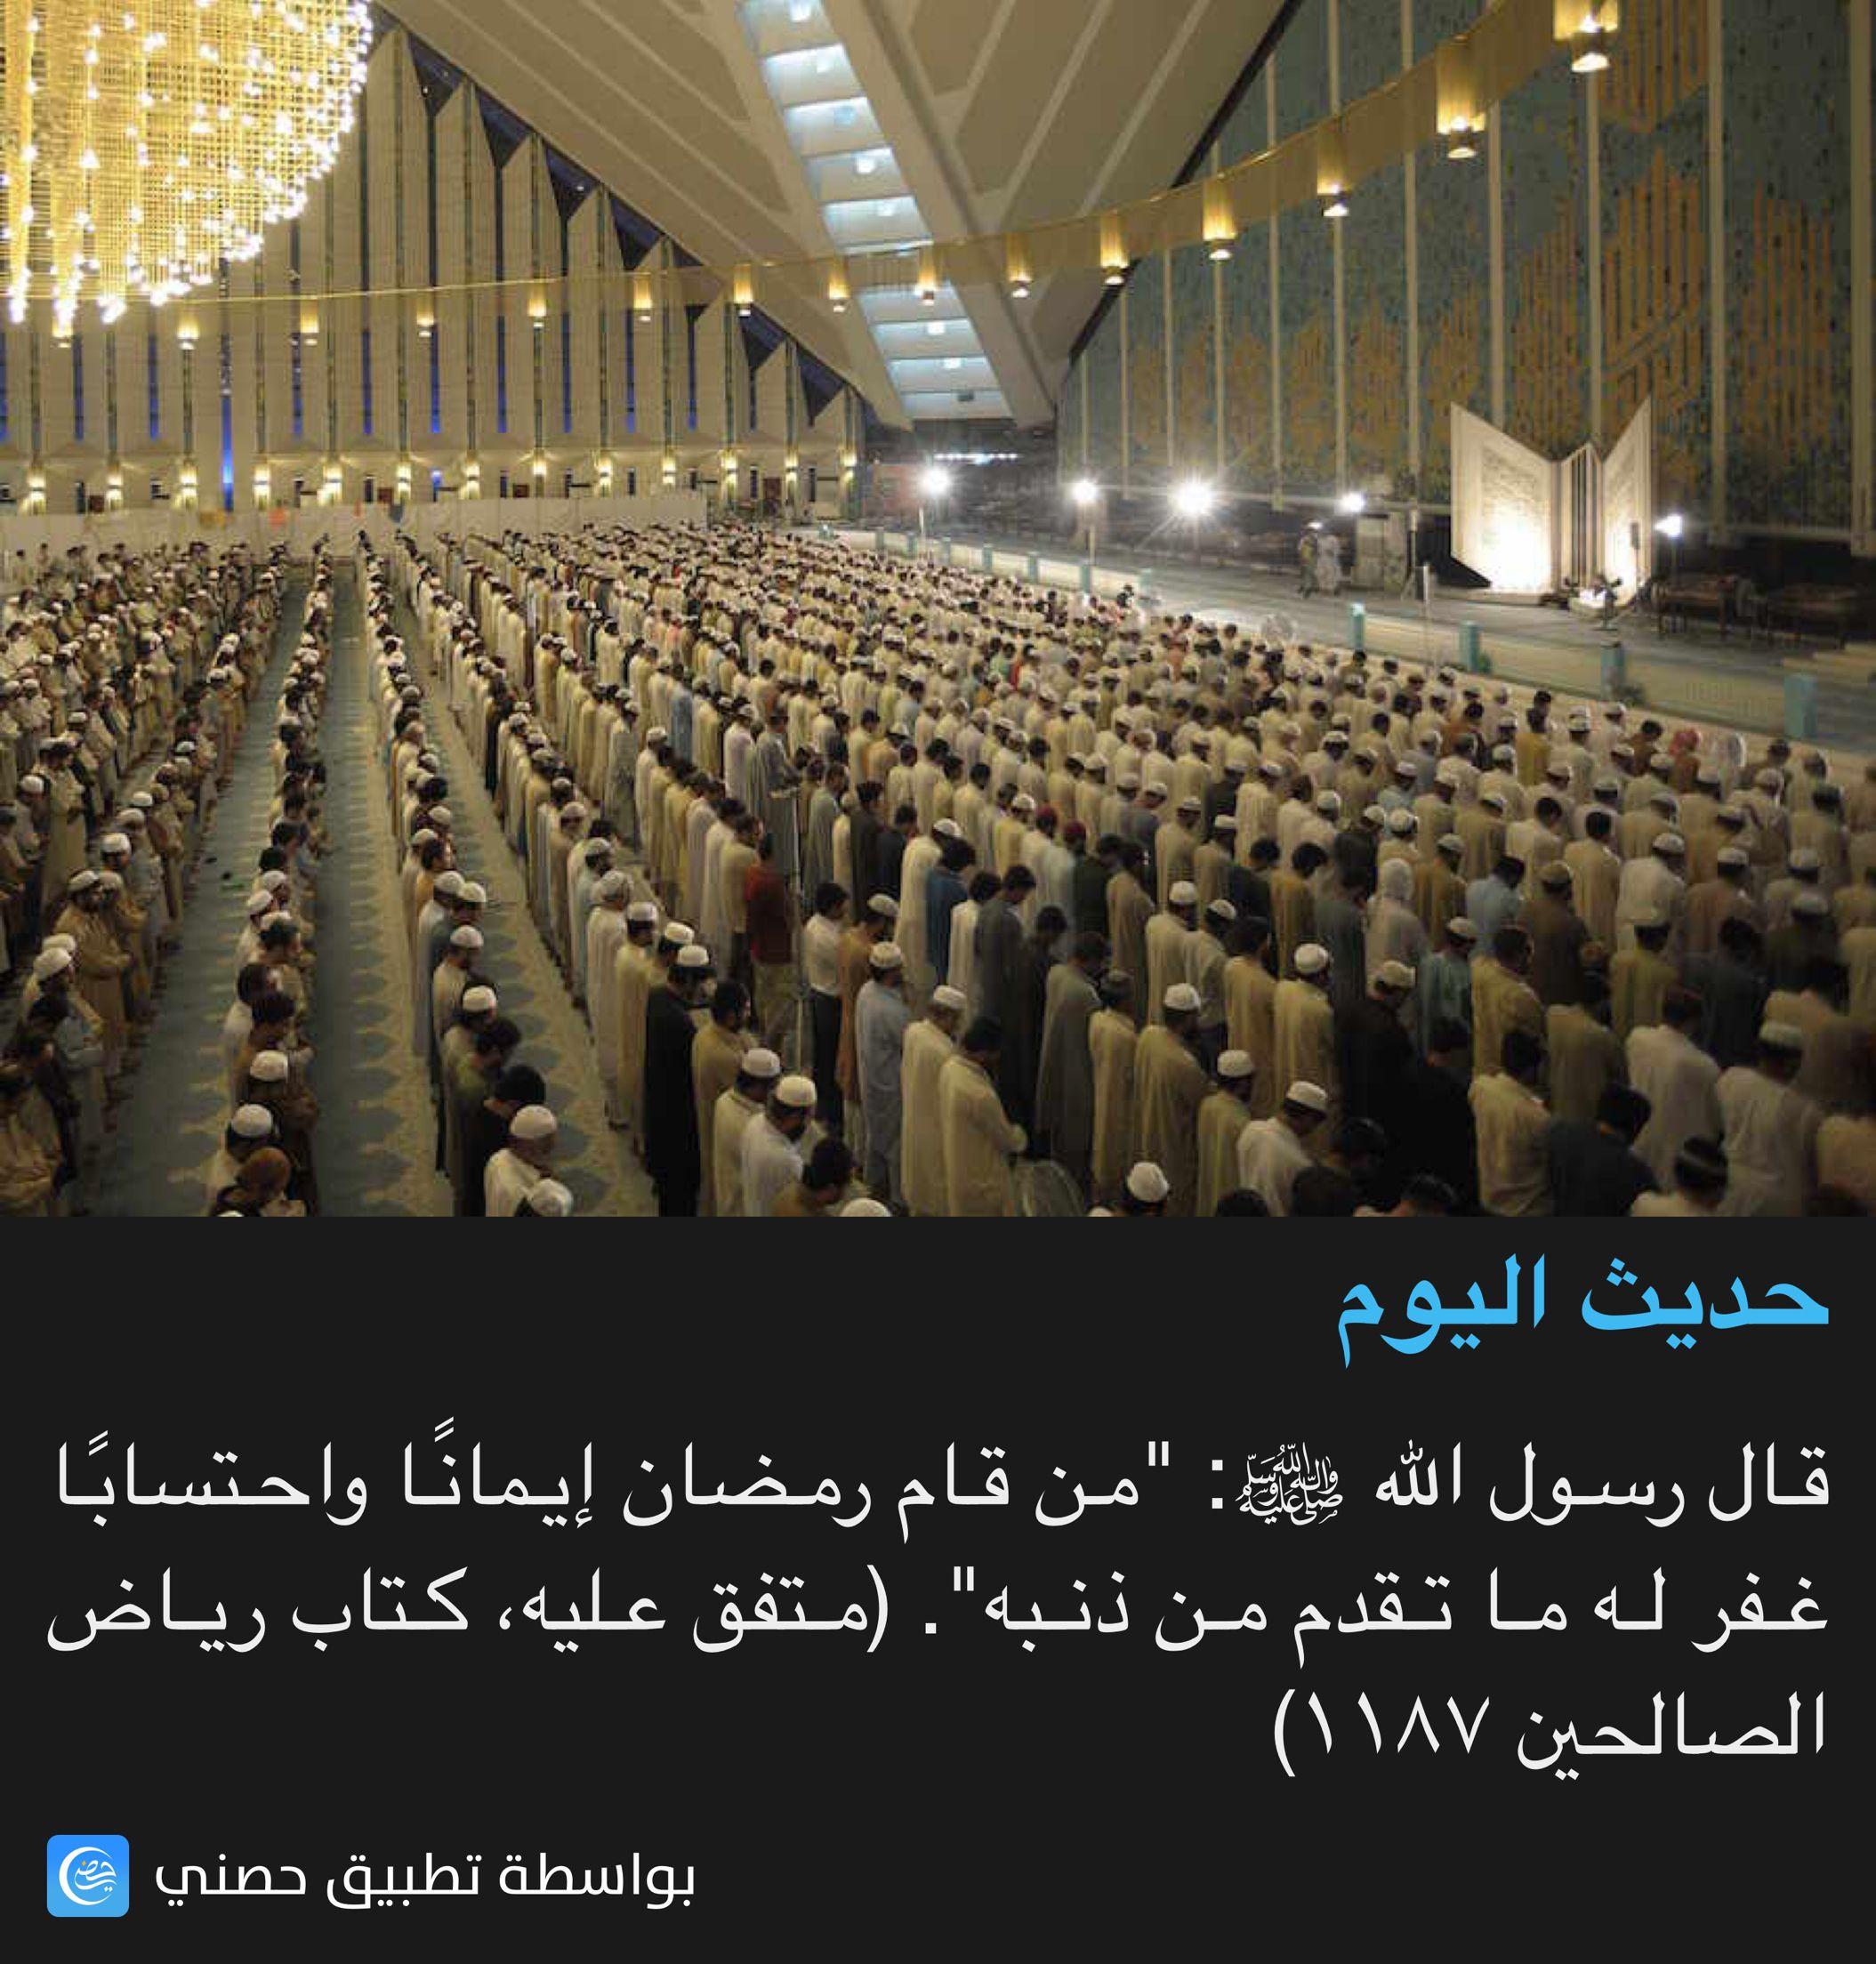 حديث اليوم Islam Facts Hadith Islam Beliefs